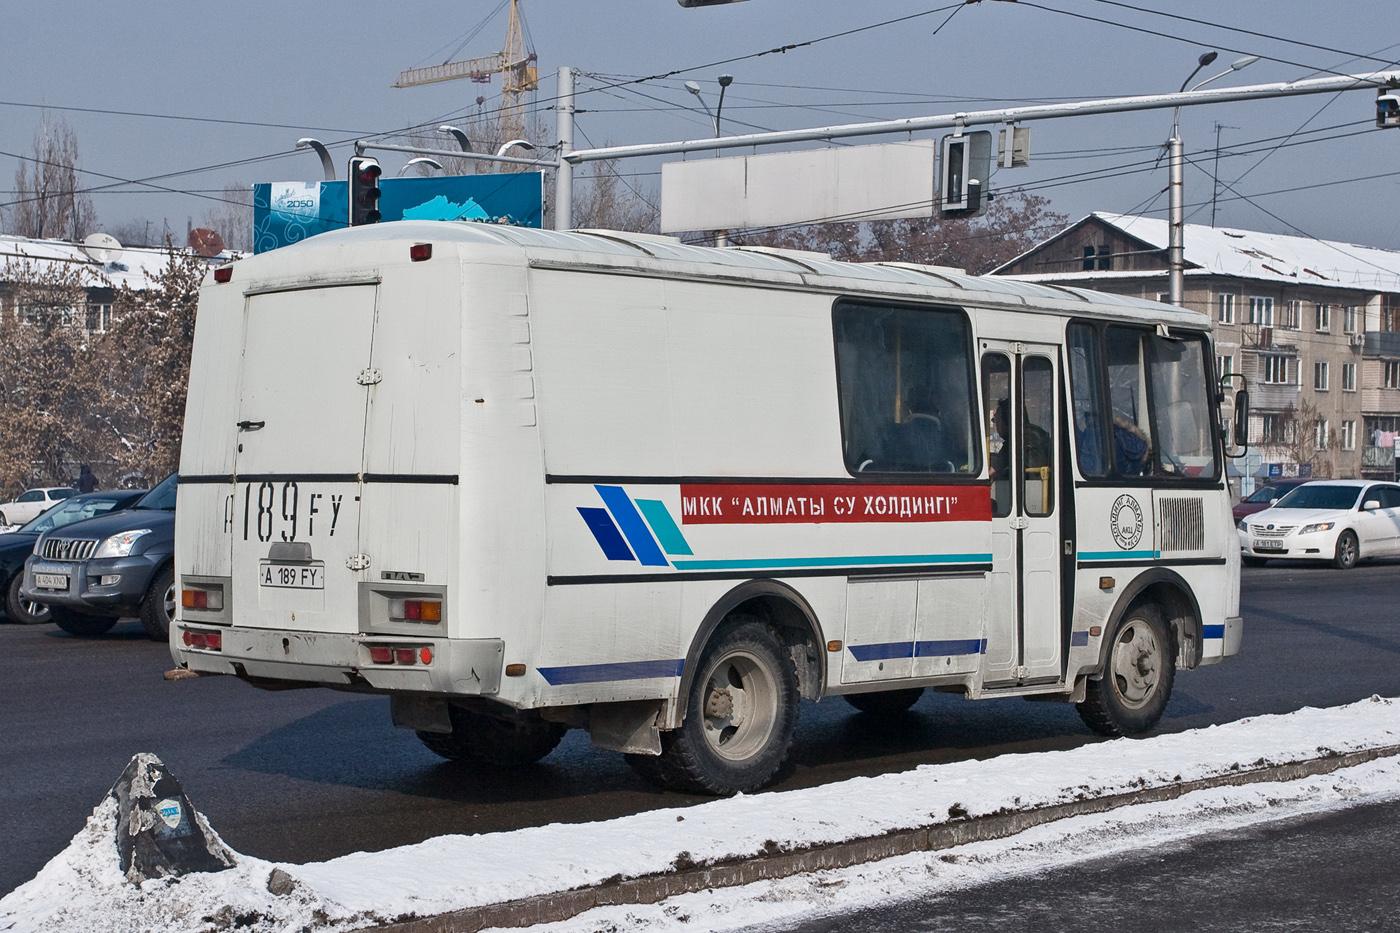 Грузопассажирский автомобиль ПАЗ-32053-110-20 #A 189 FY. Алматы, проспект Абая